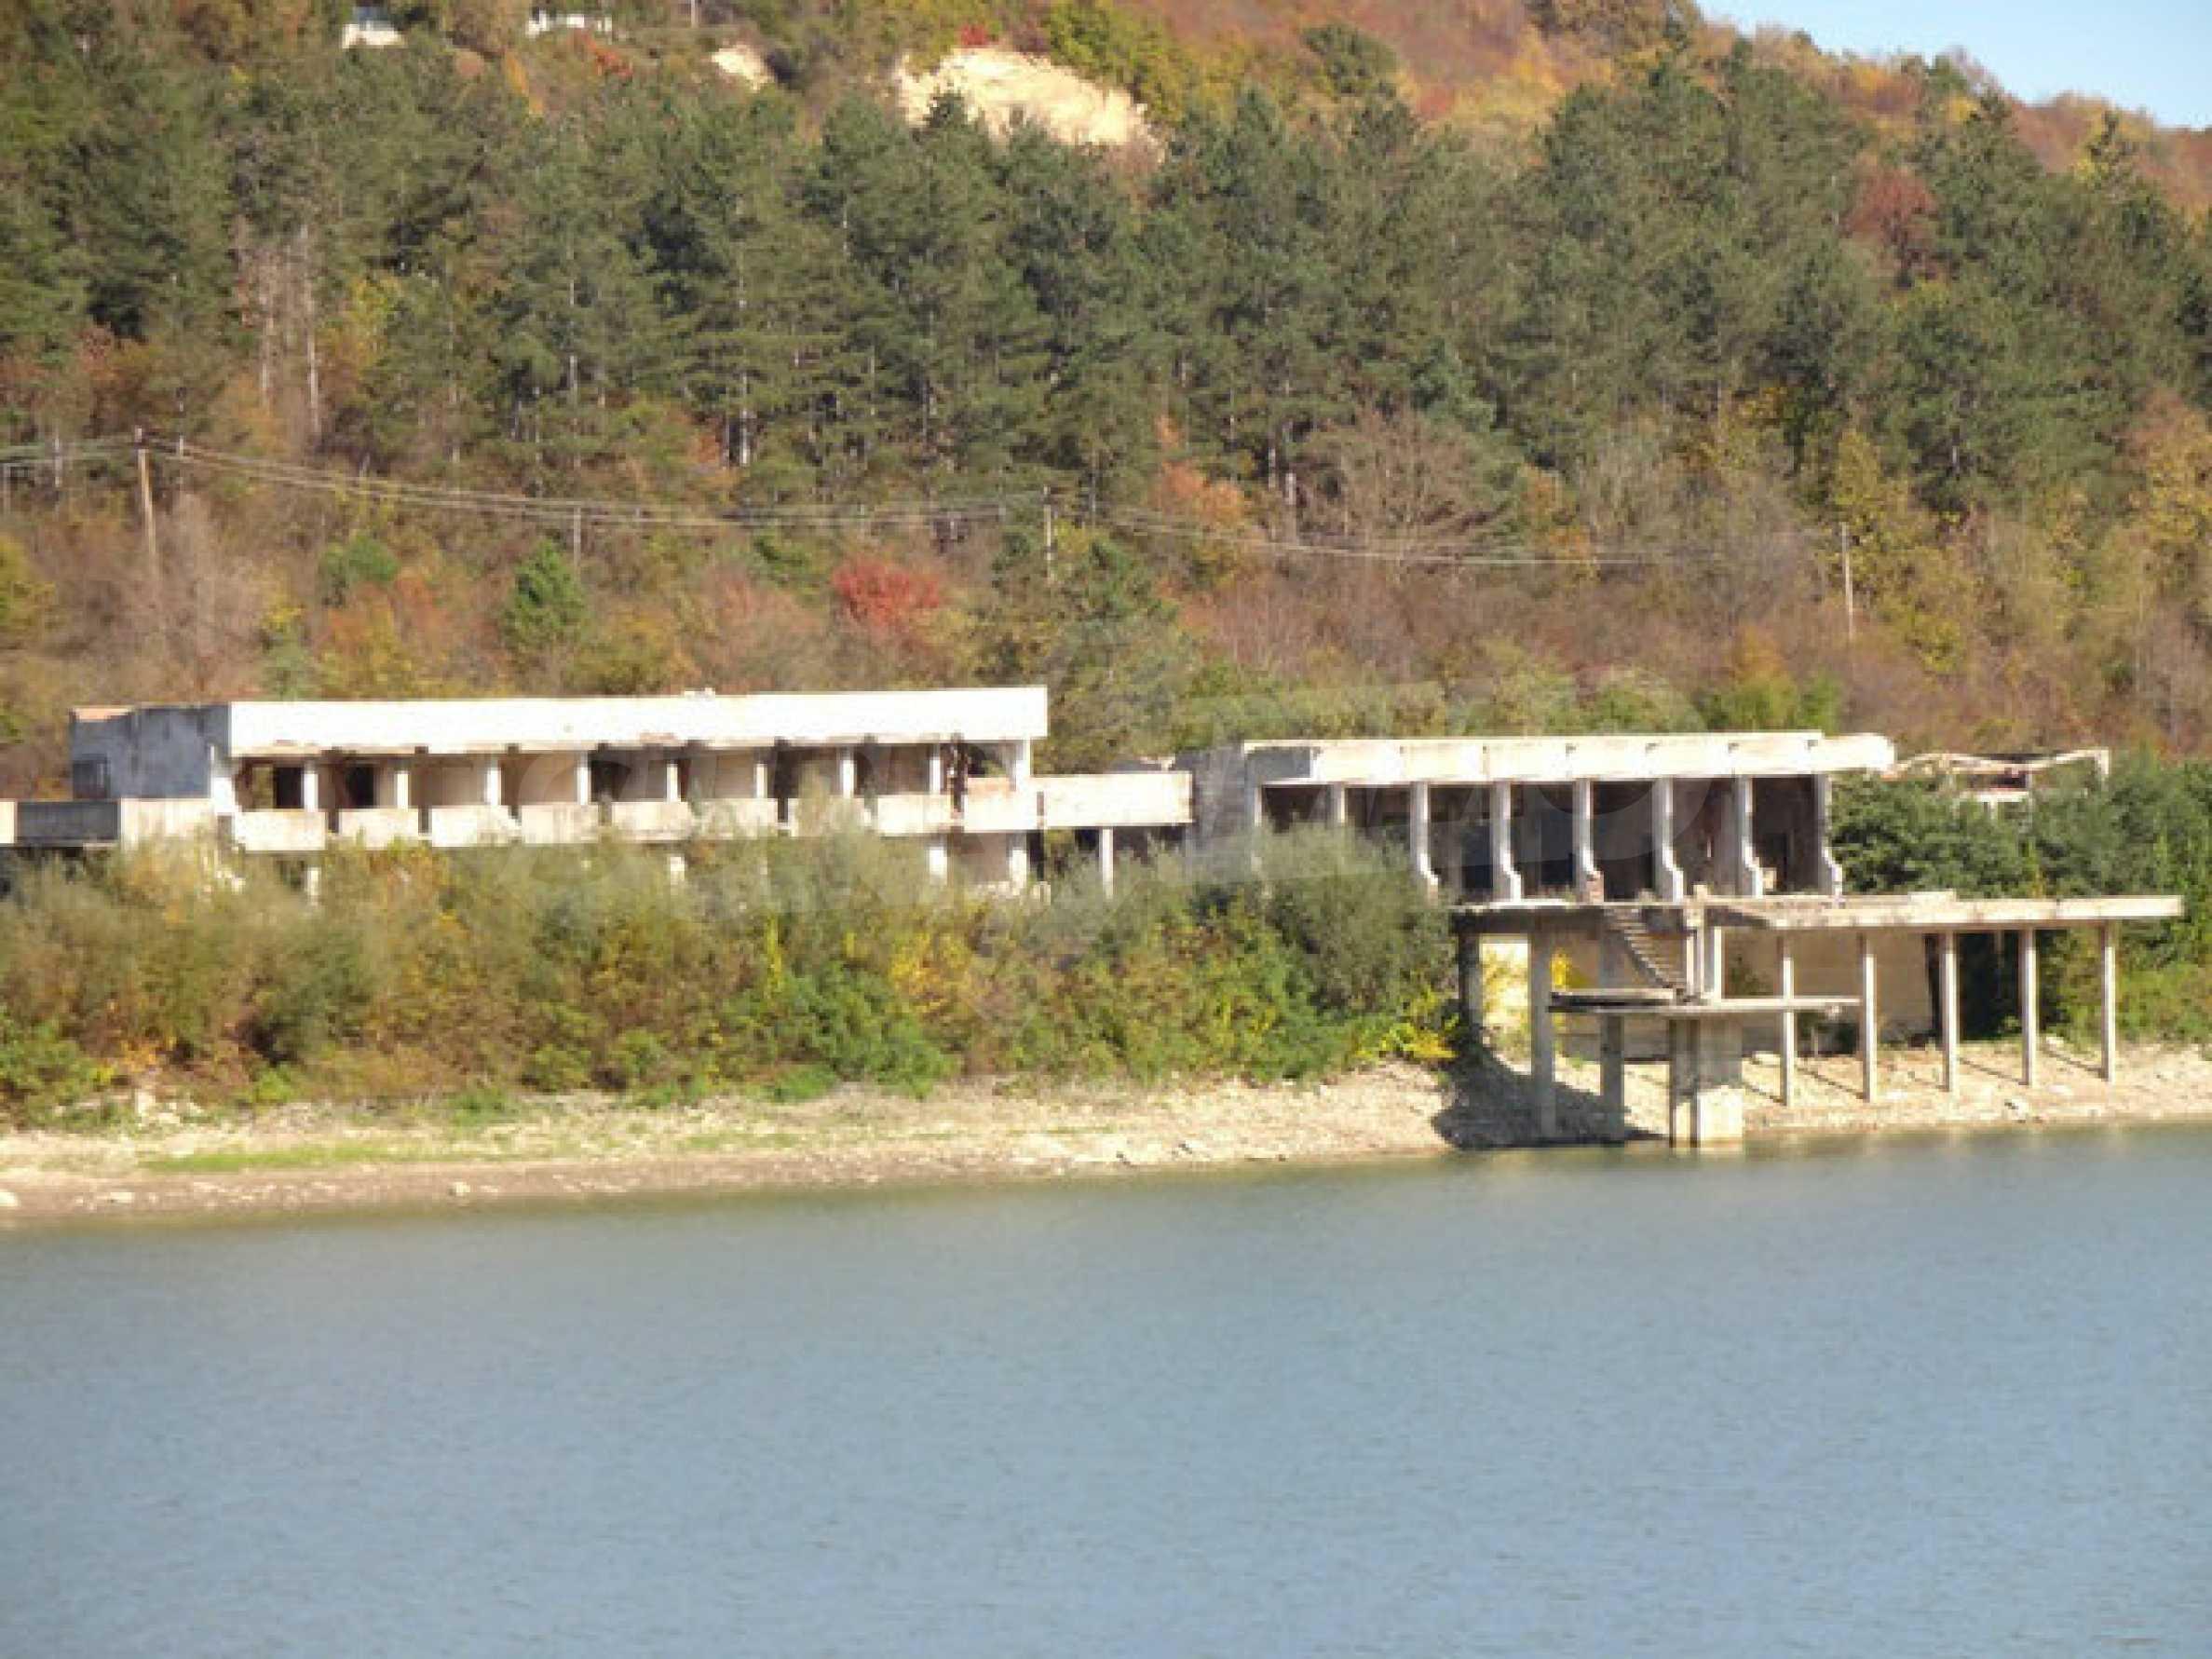 Massives Gebäude am Ufer eines Dammes 29